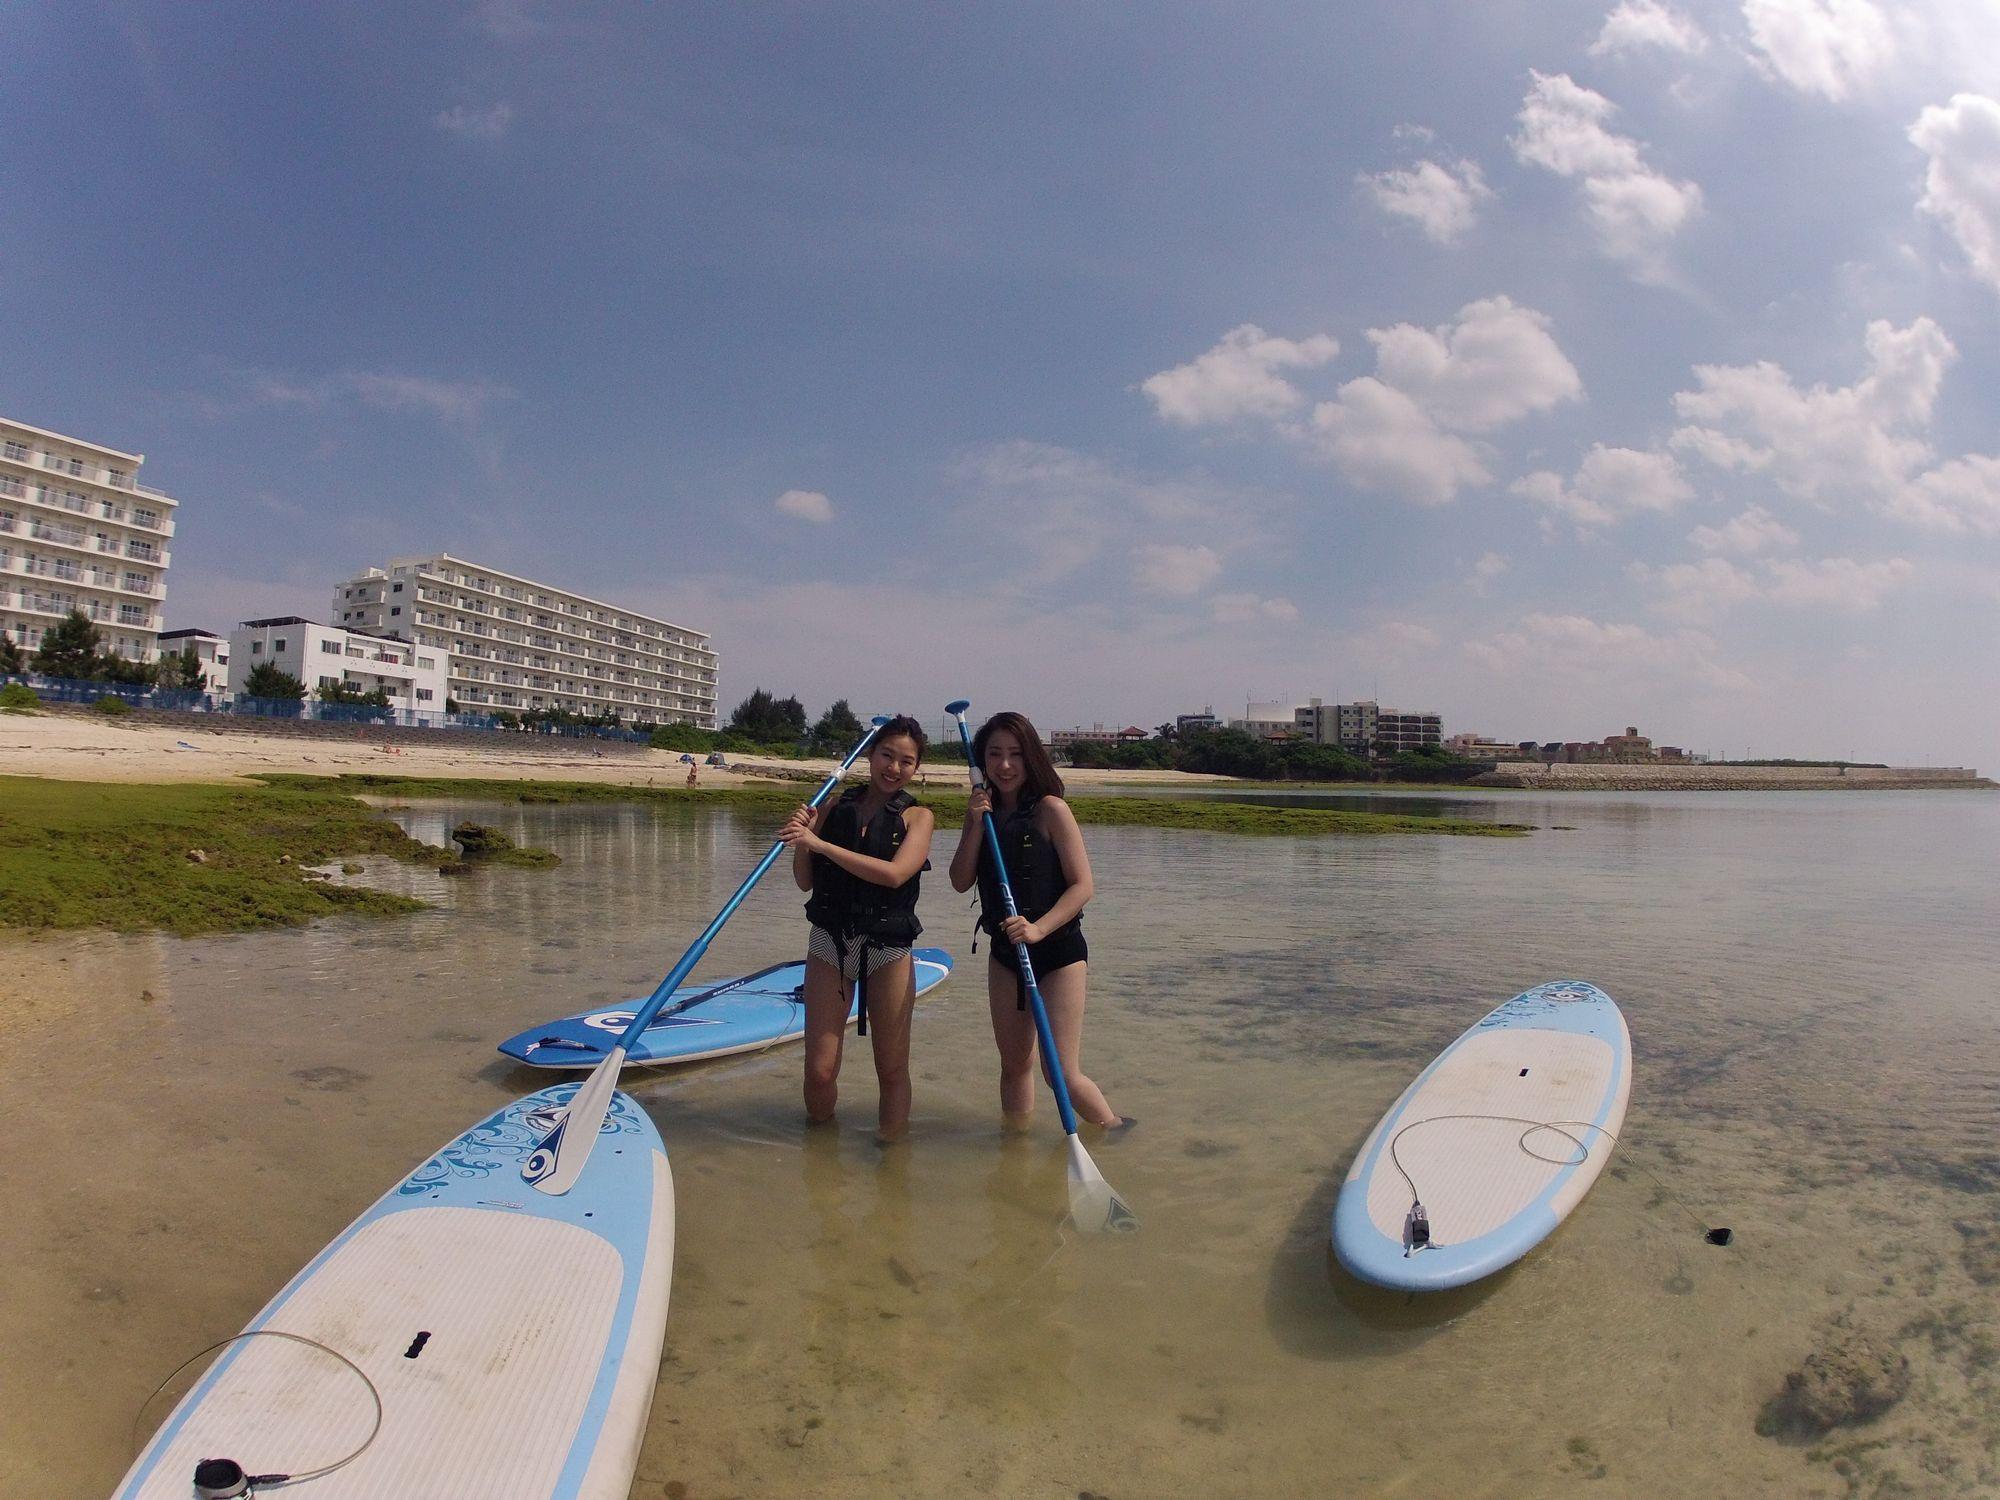 【沖縄・北谷・SUP】最大10時間レンタル!自由気ままに、沖縄の海を大満喫しよう